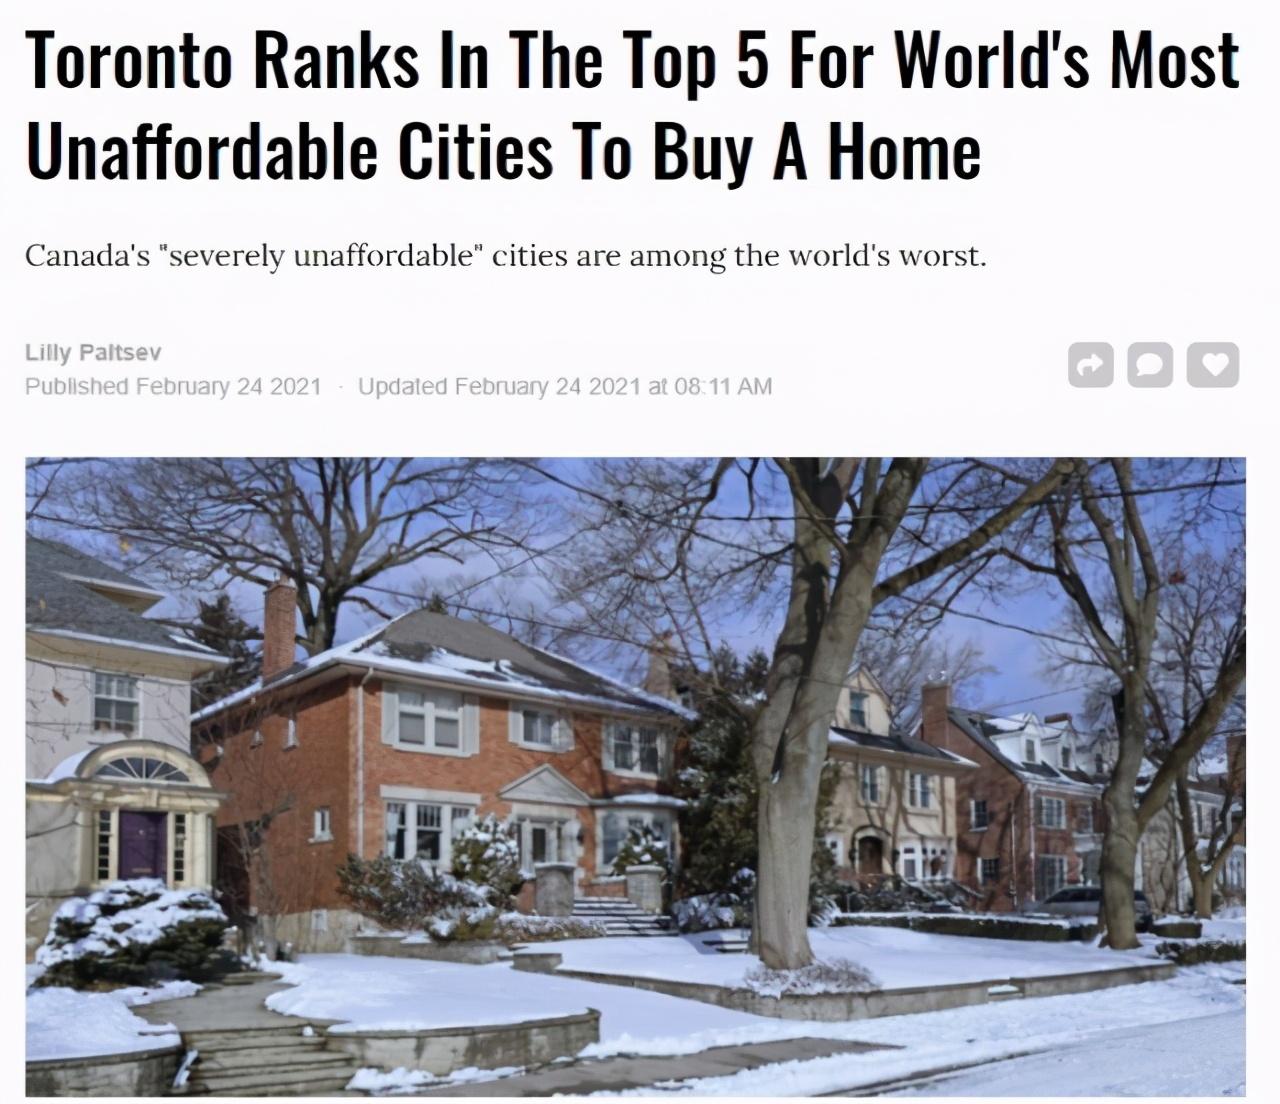 世界上最实惠的城市:多伦多排名前五